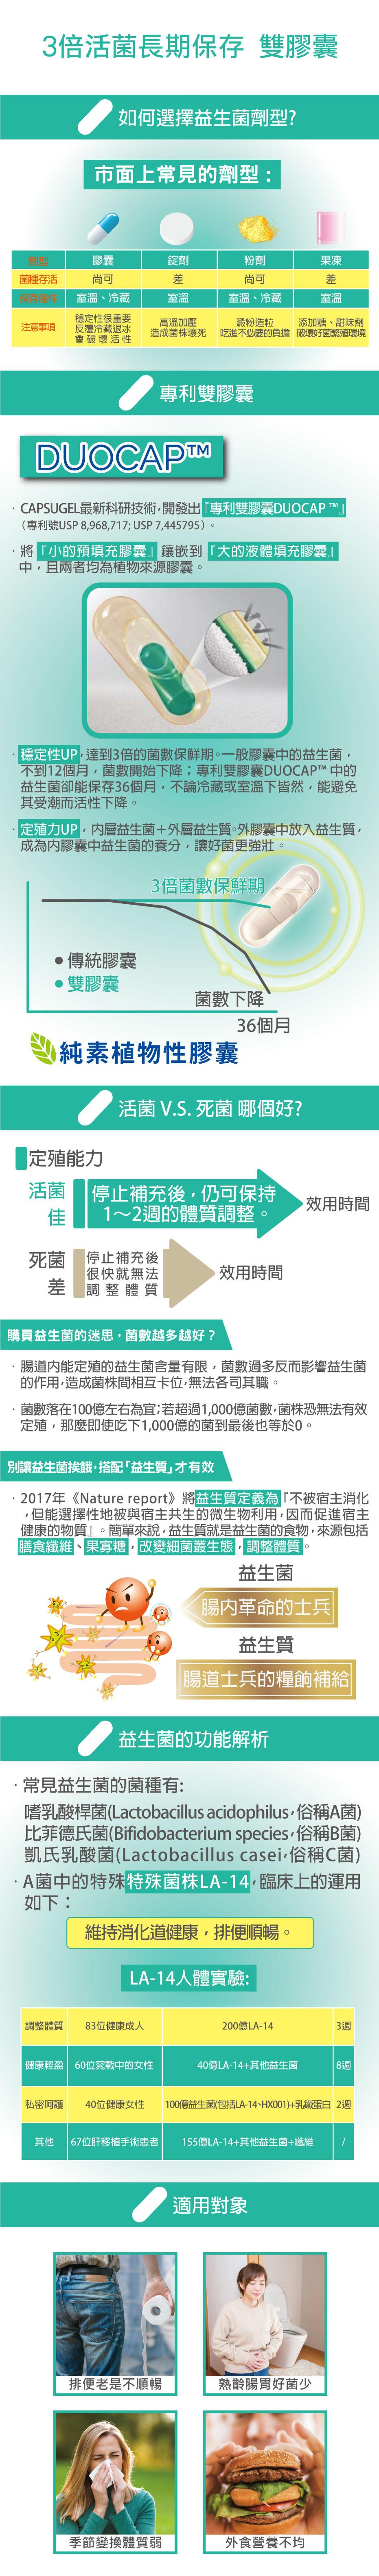 關鍵常順暢益菌雙膠囊_201230.jpg